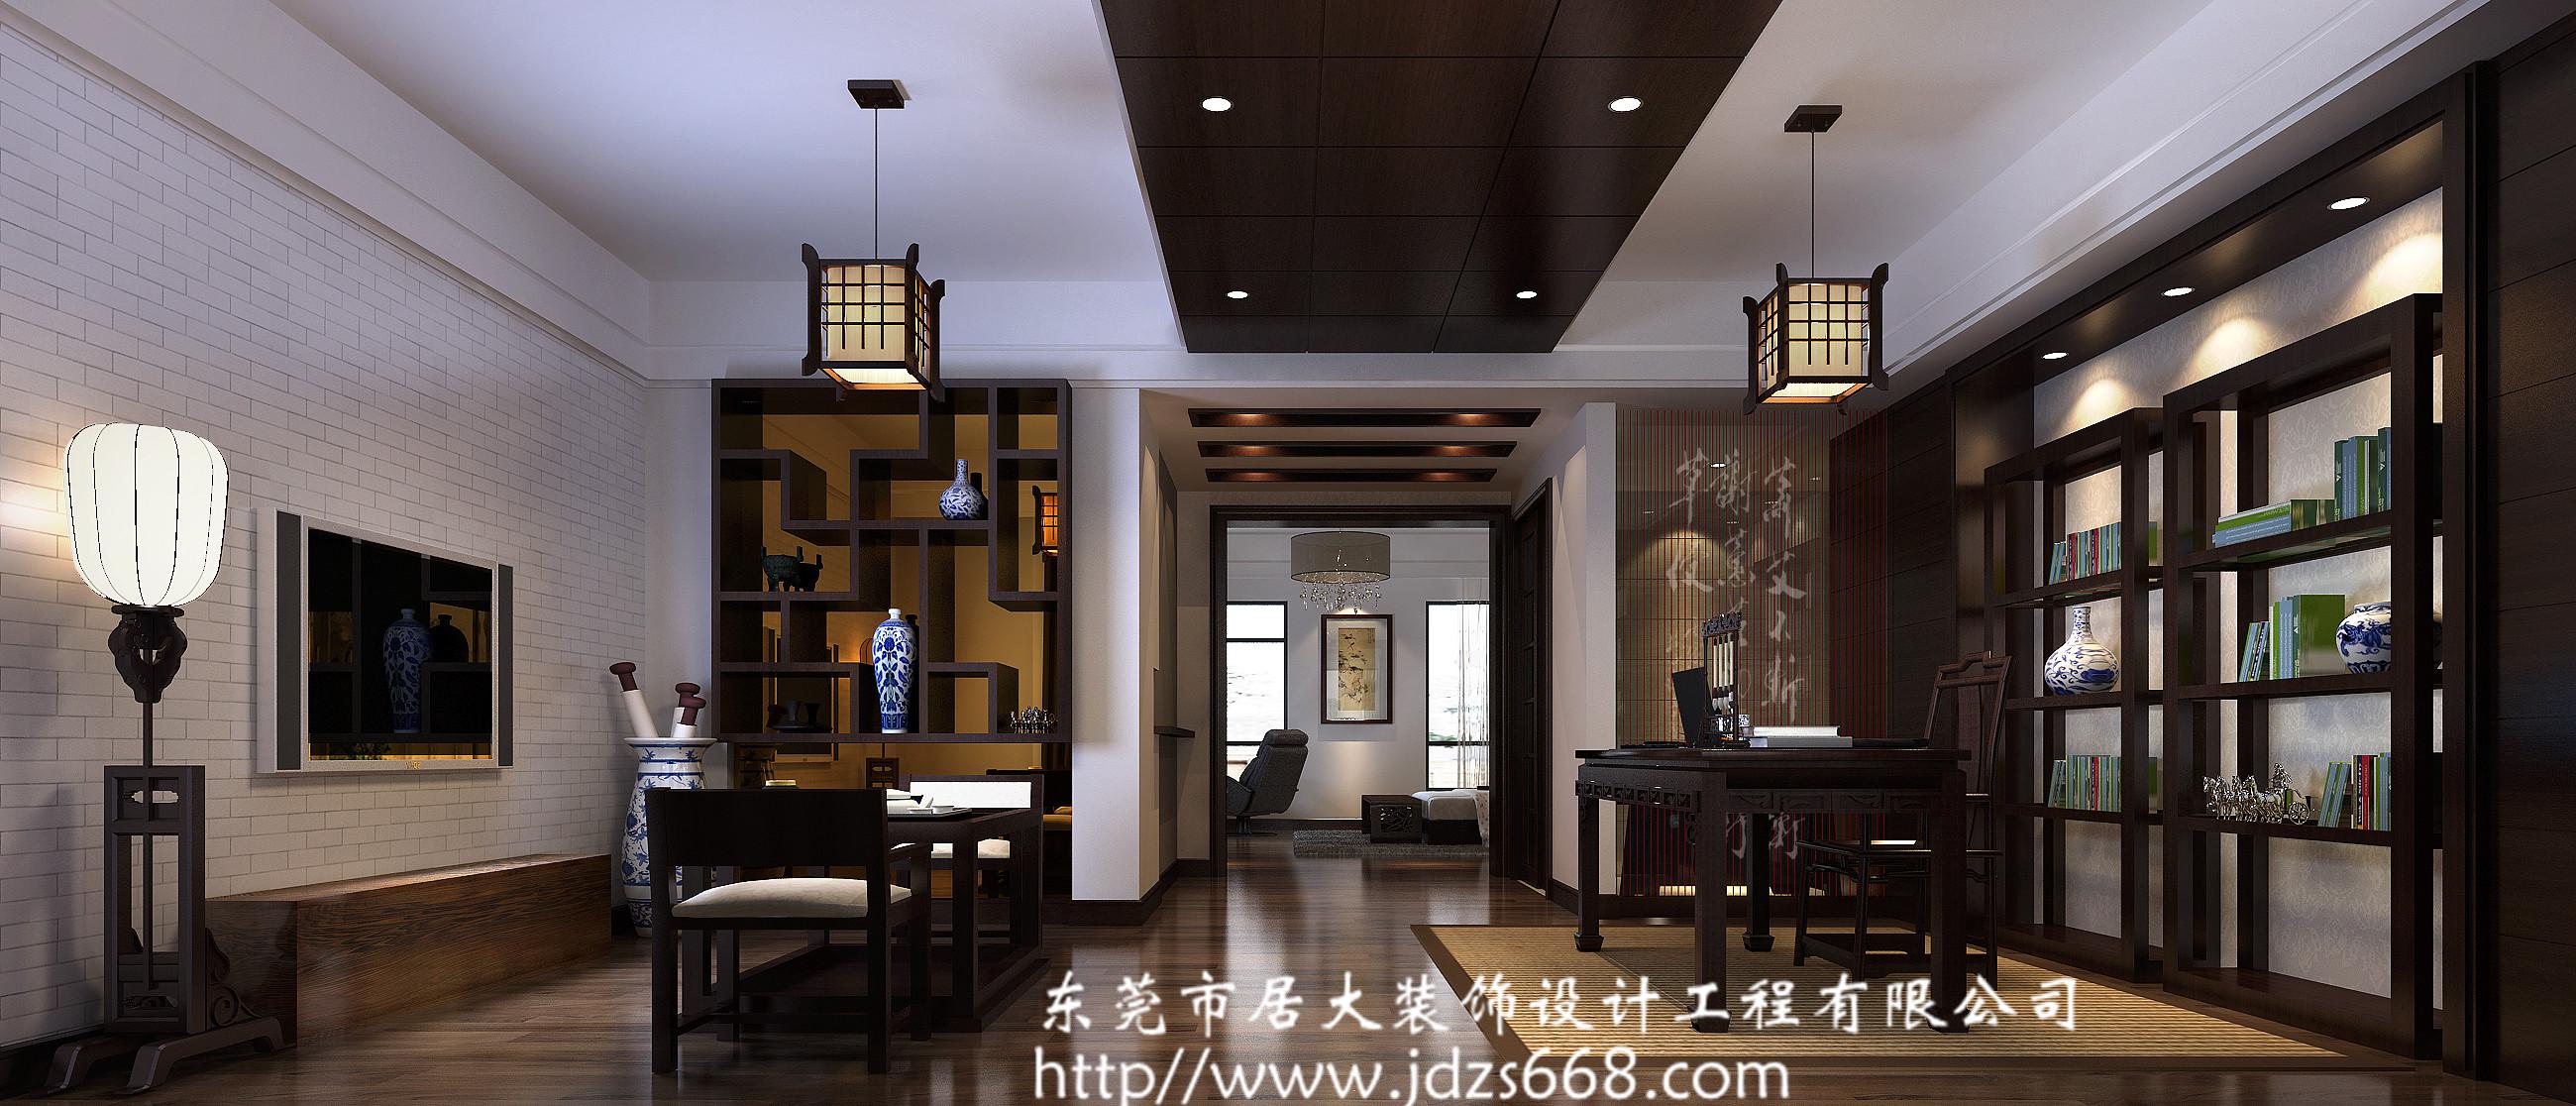 东莞软装设计公司 样板房软装设计,东莞室内设计公司,别墅豪宅